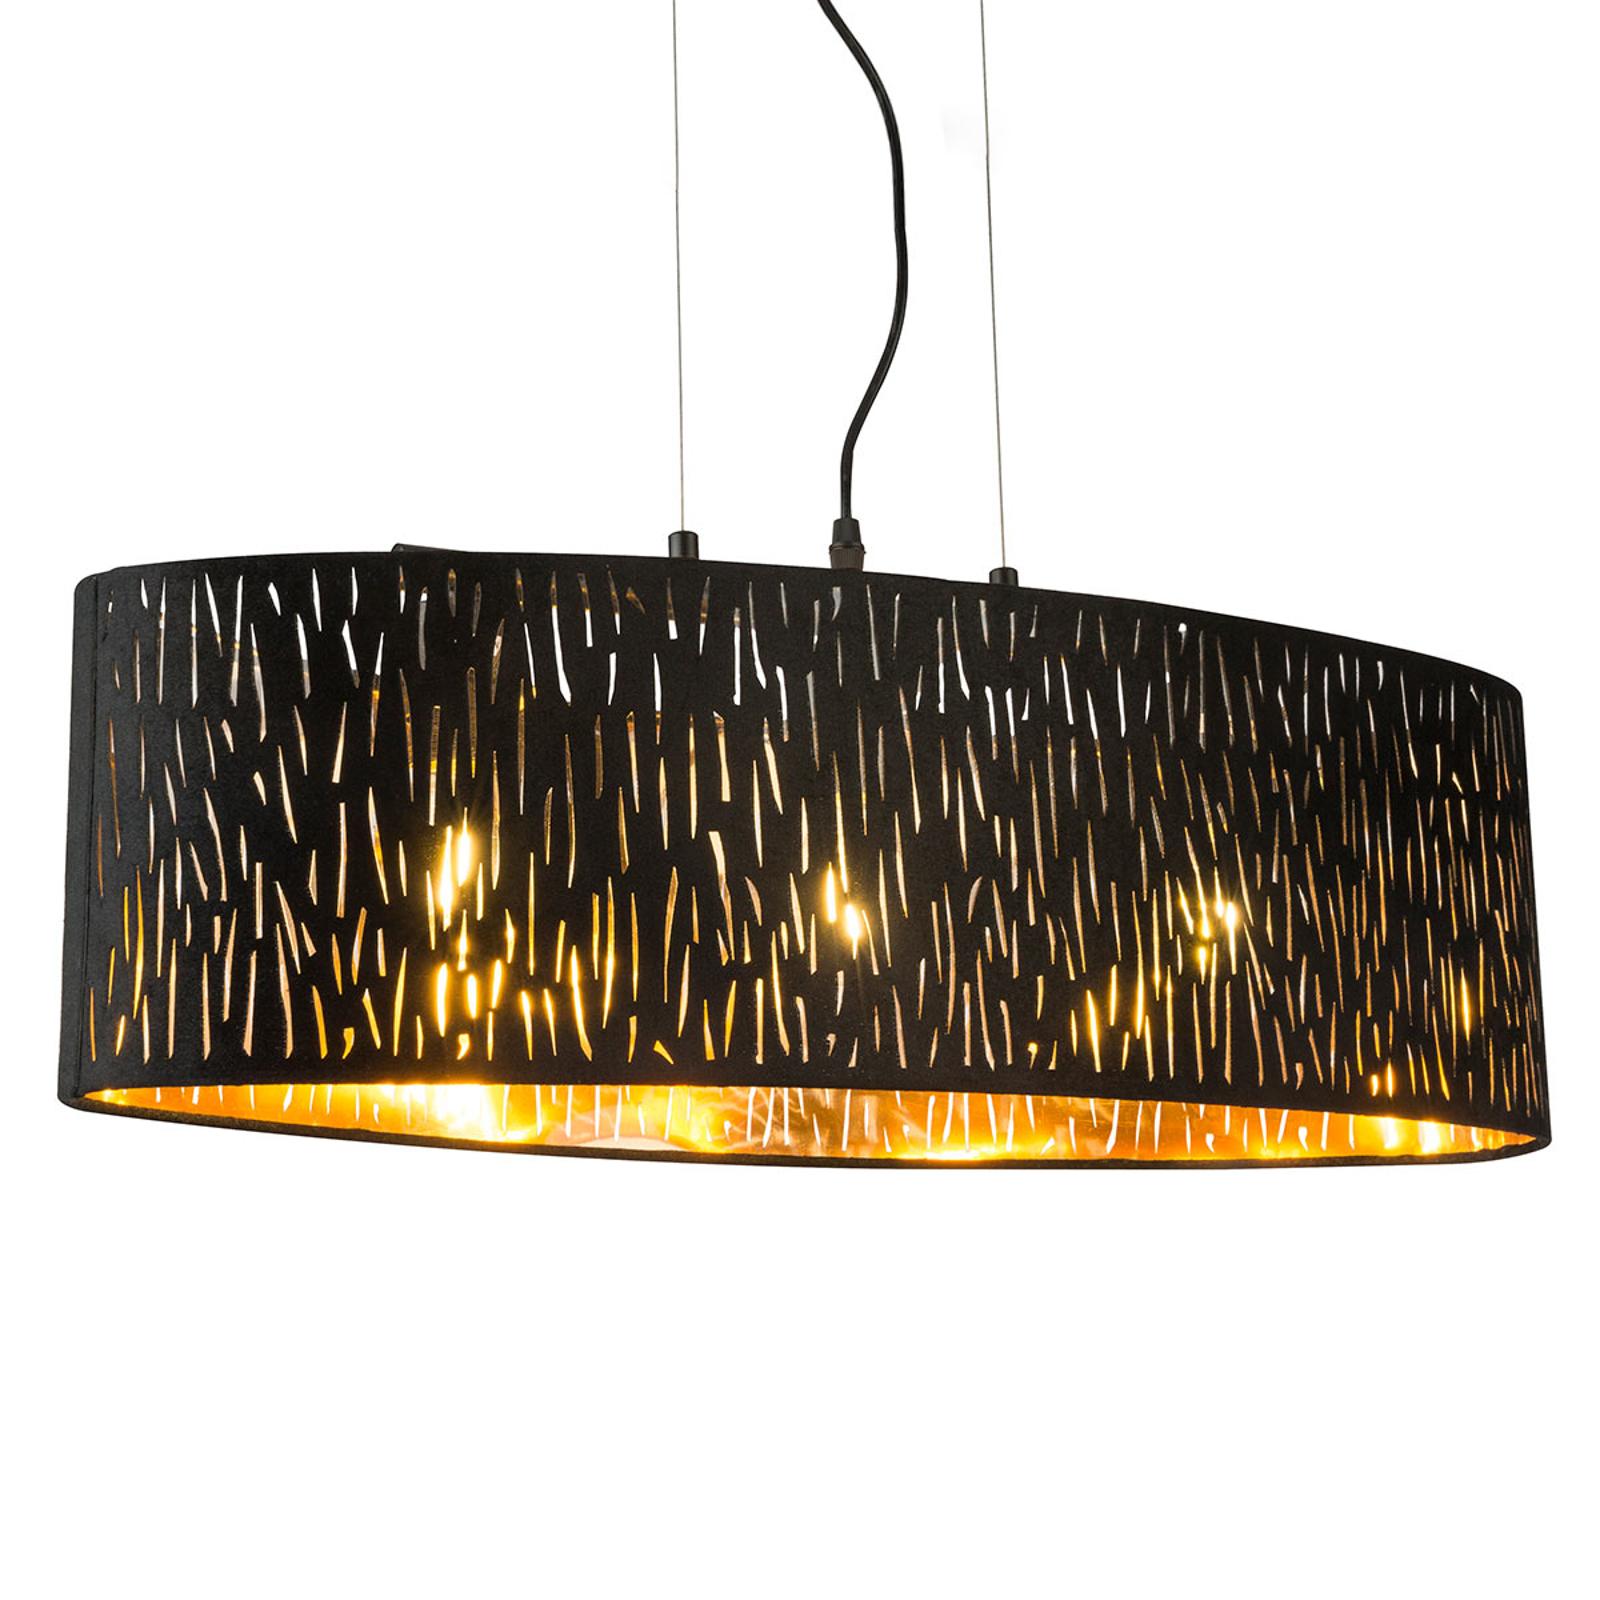 For vakre lyseffekter – oval pendellampe Tuxon